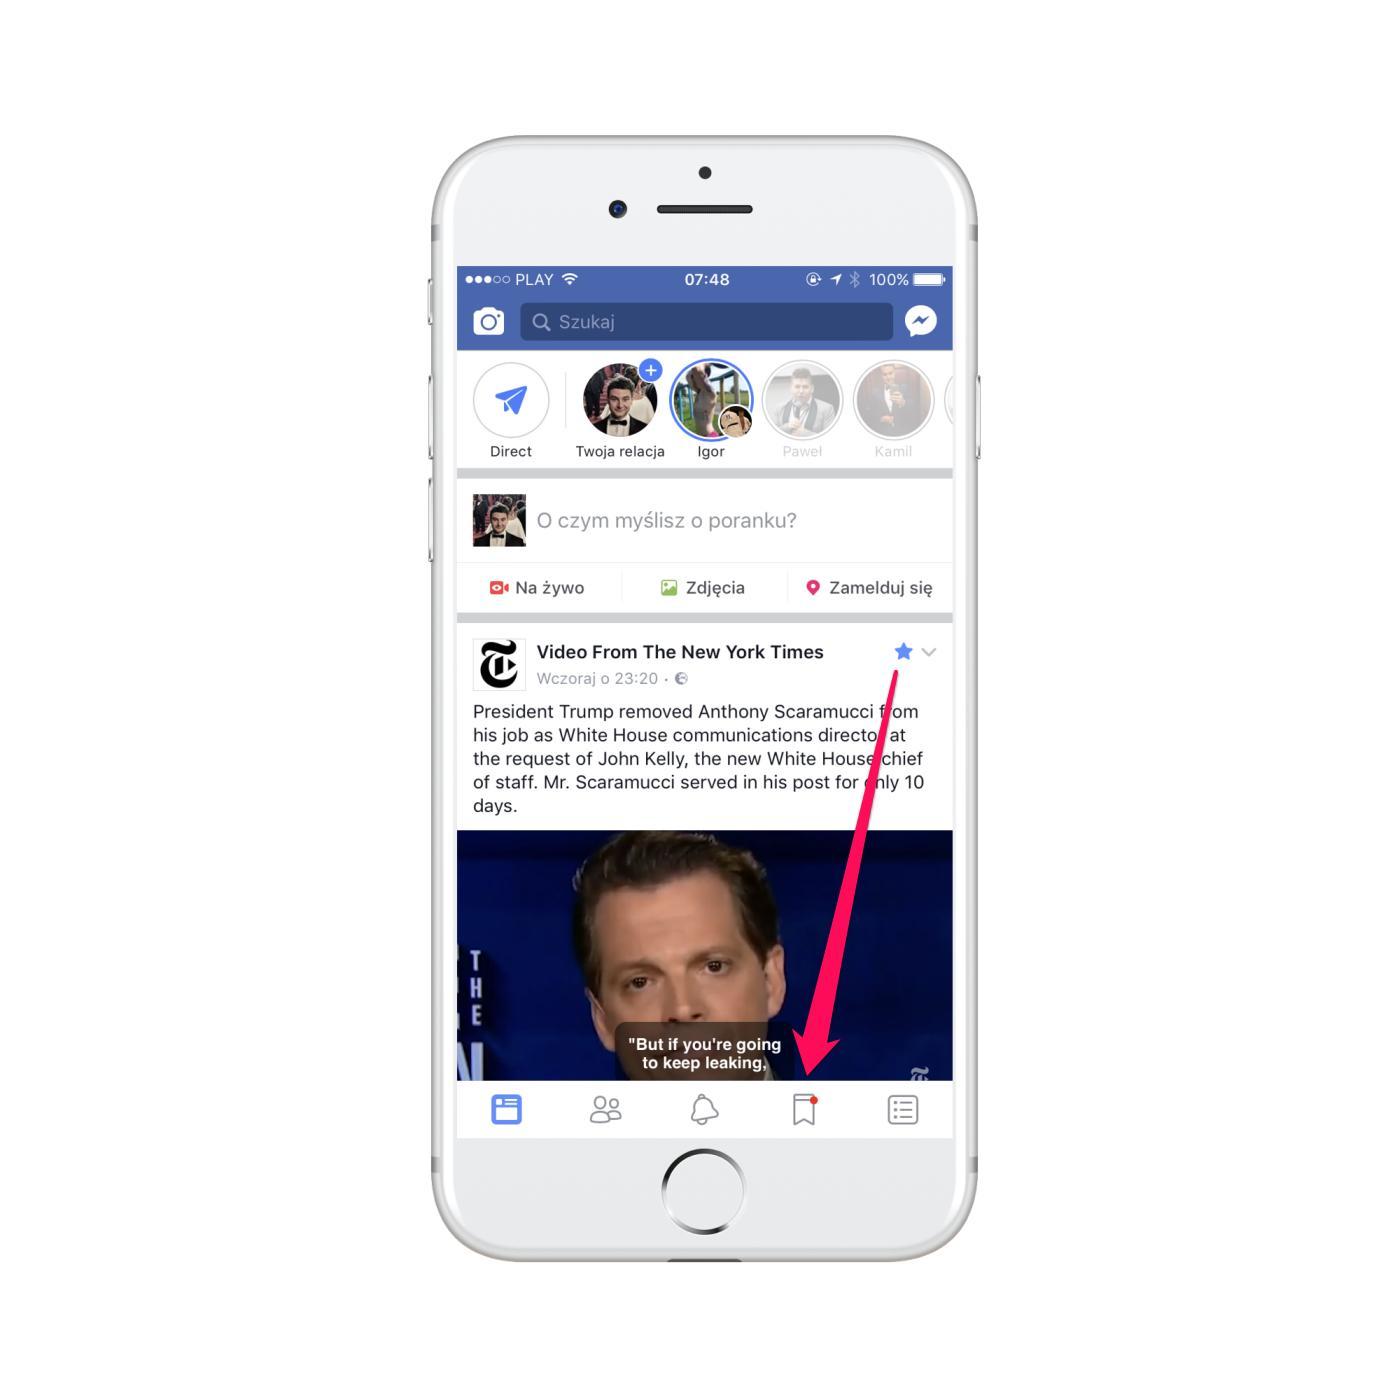 zmiany w aplikacji facebook - smartfon iphone